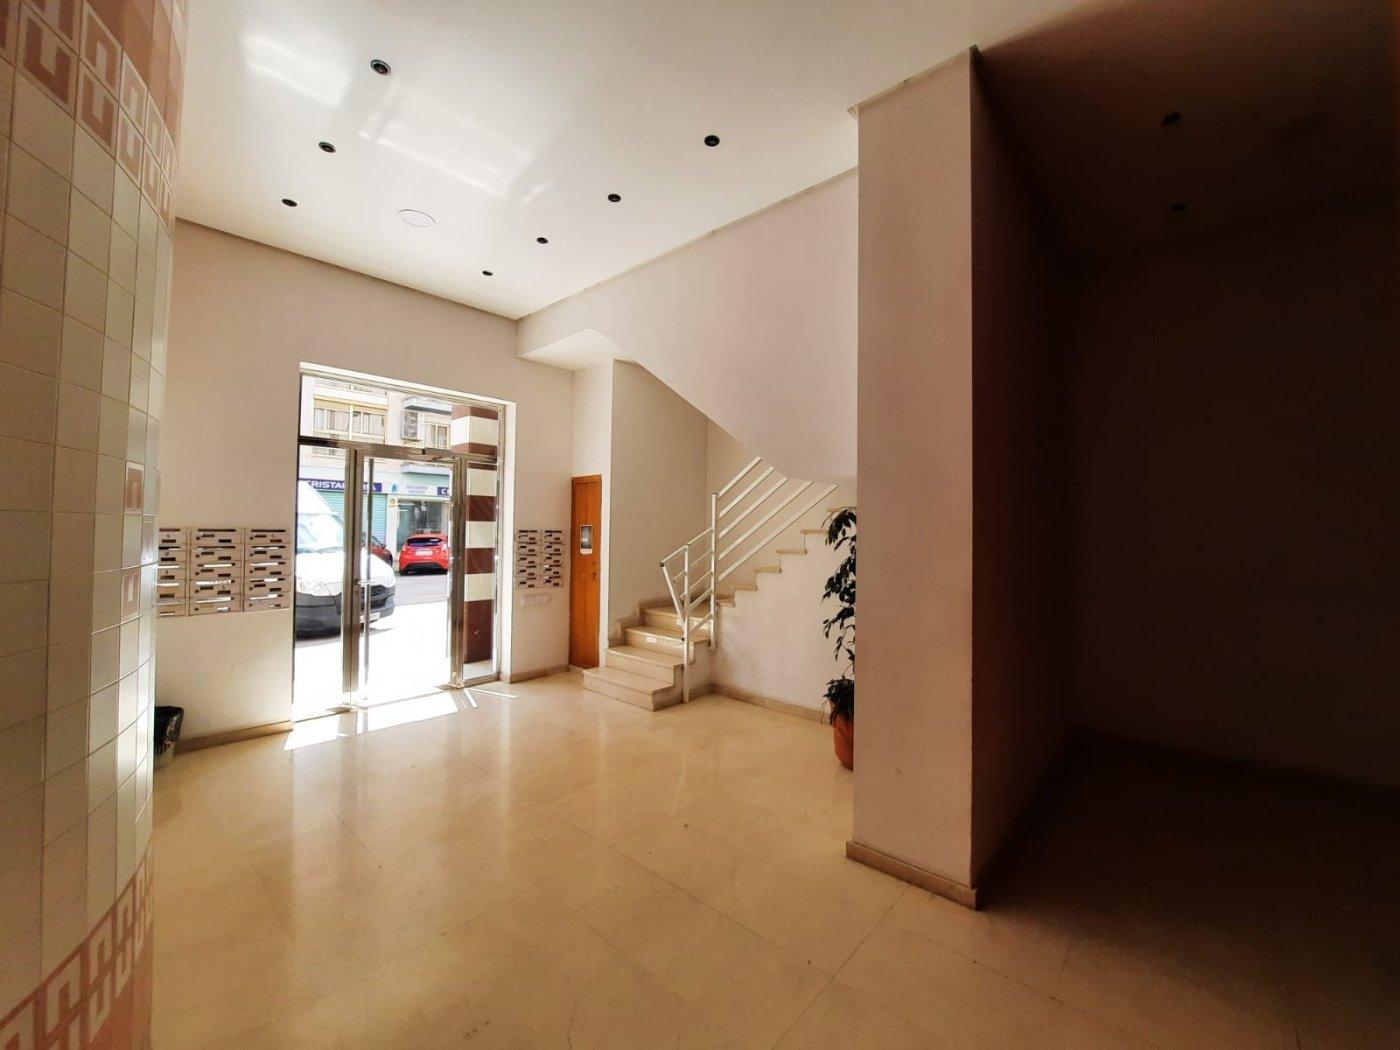 Piso en venta en calle ciudad de barcelona 7, 2a, 3, 46701 gandia.  l.a riqueza de la imag - imagenInmueble21